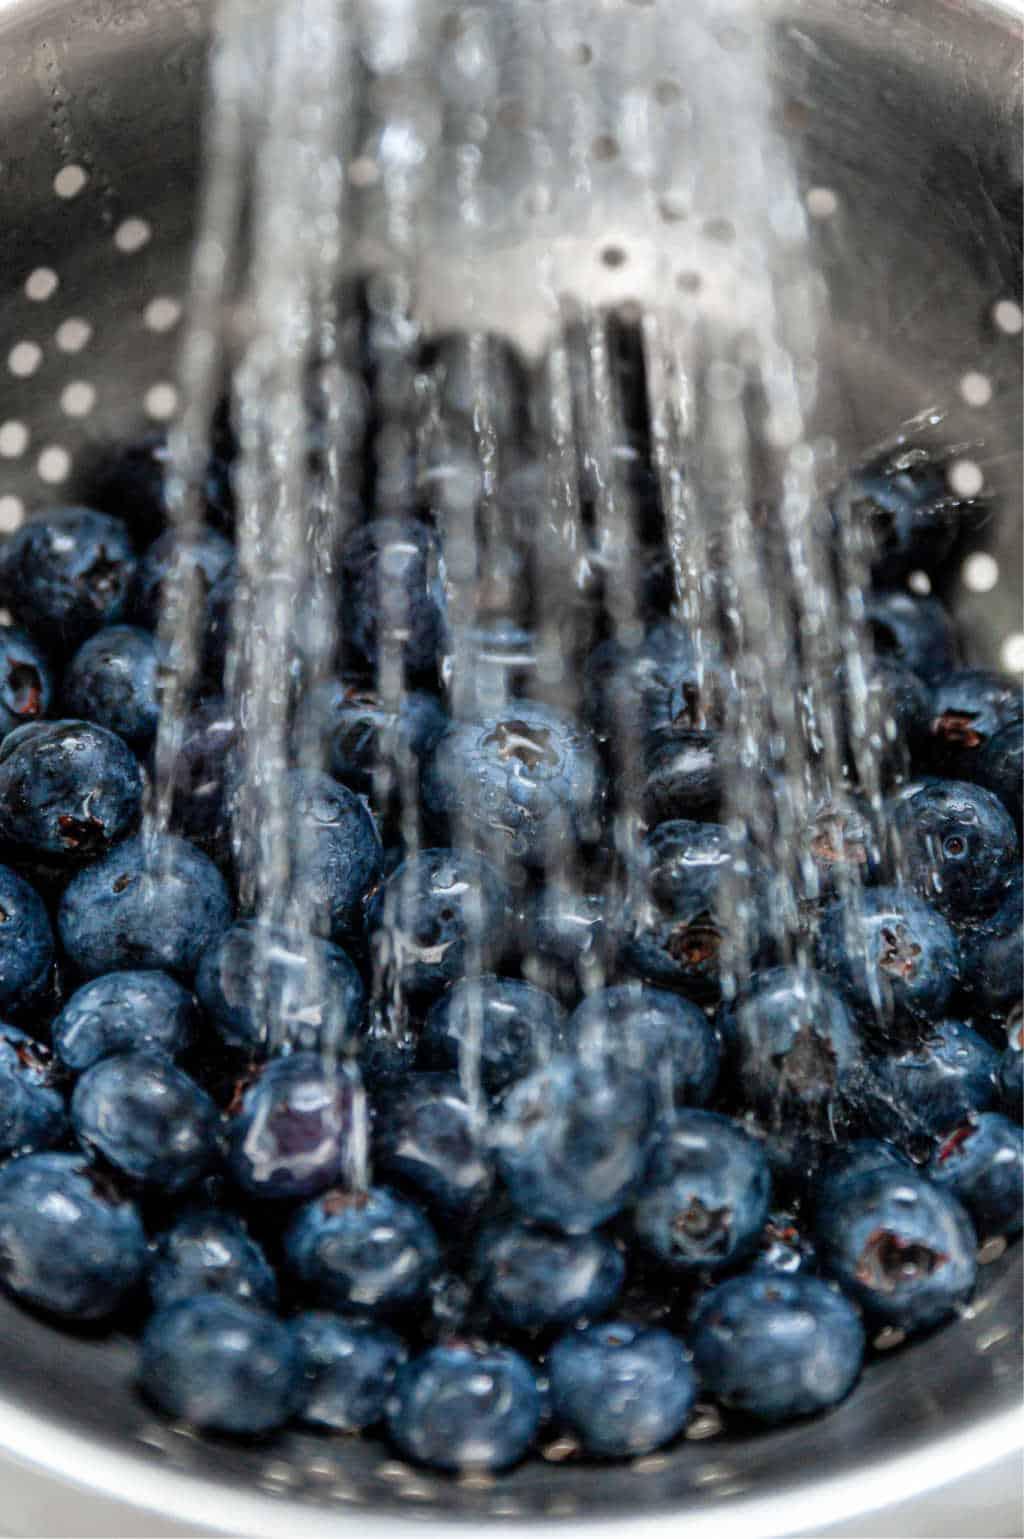 blueberries in colander under running water